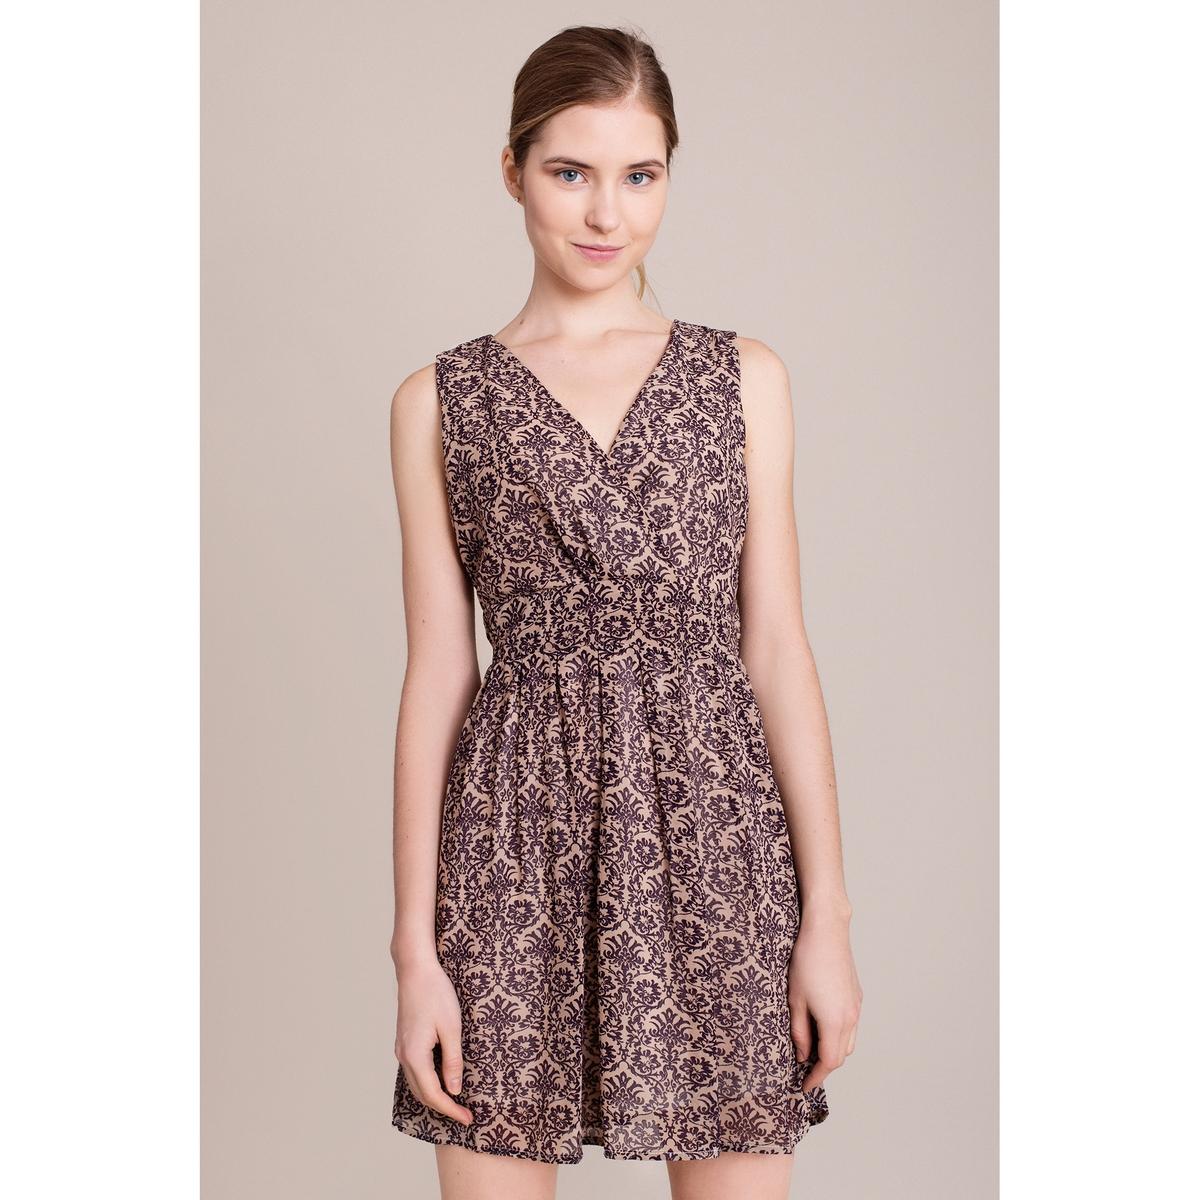 Платье с рисунком без рукавовХарактеристики и описание        Материал         100% полиэстера        Марка    MIGLE+ME<br><br>Цвет: бежевый/ синий<br>Размер: S